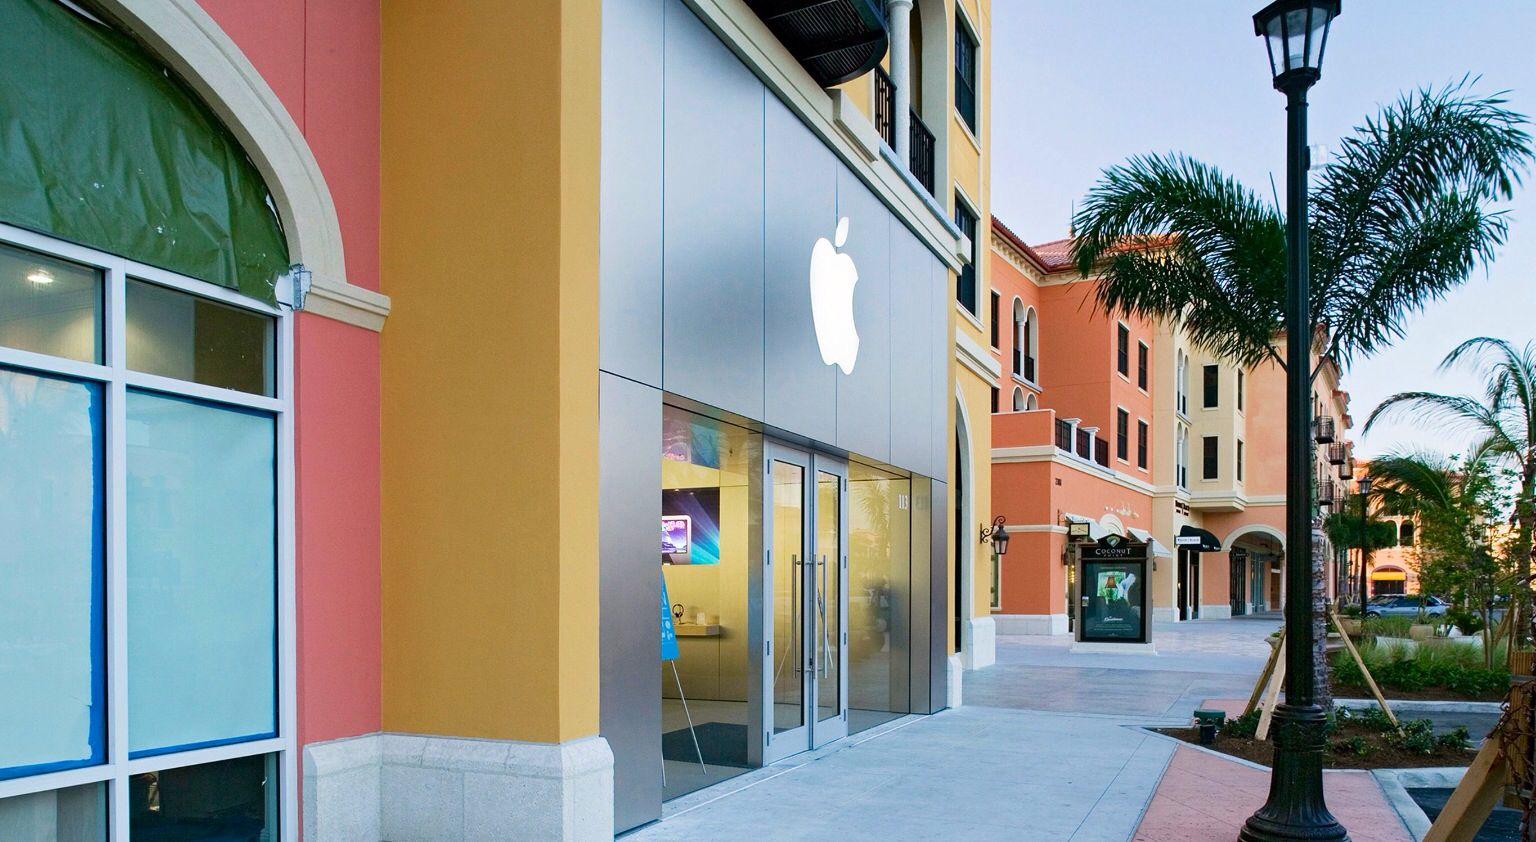 Apple Store at Cocoanut Point Estero FL Apple store